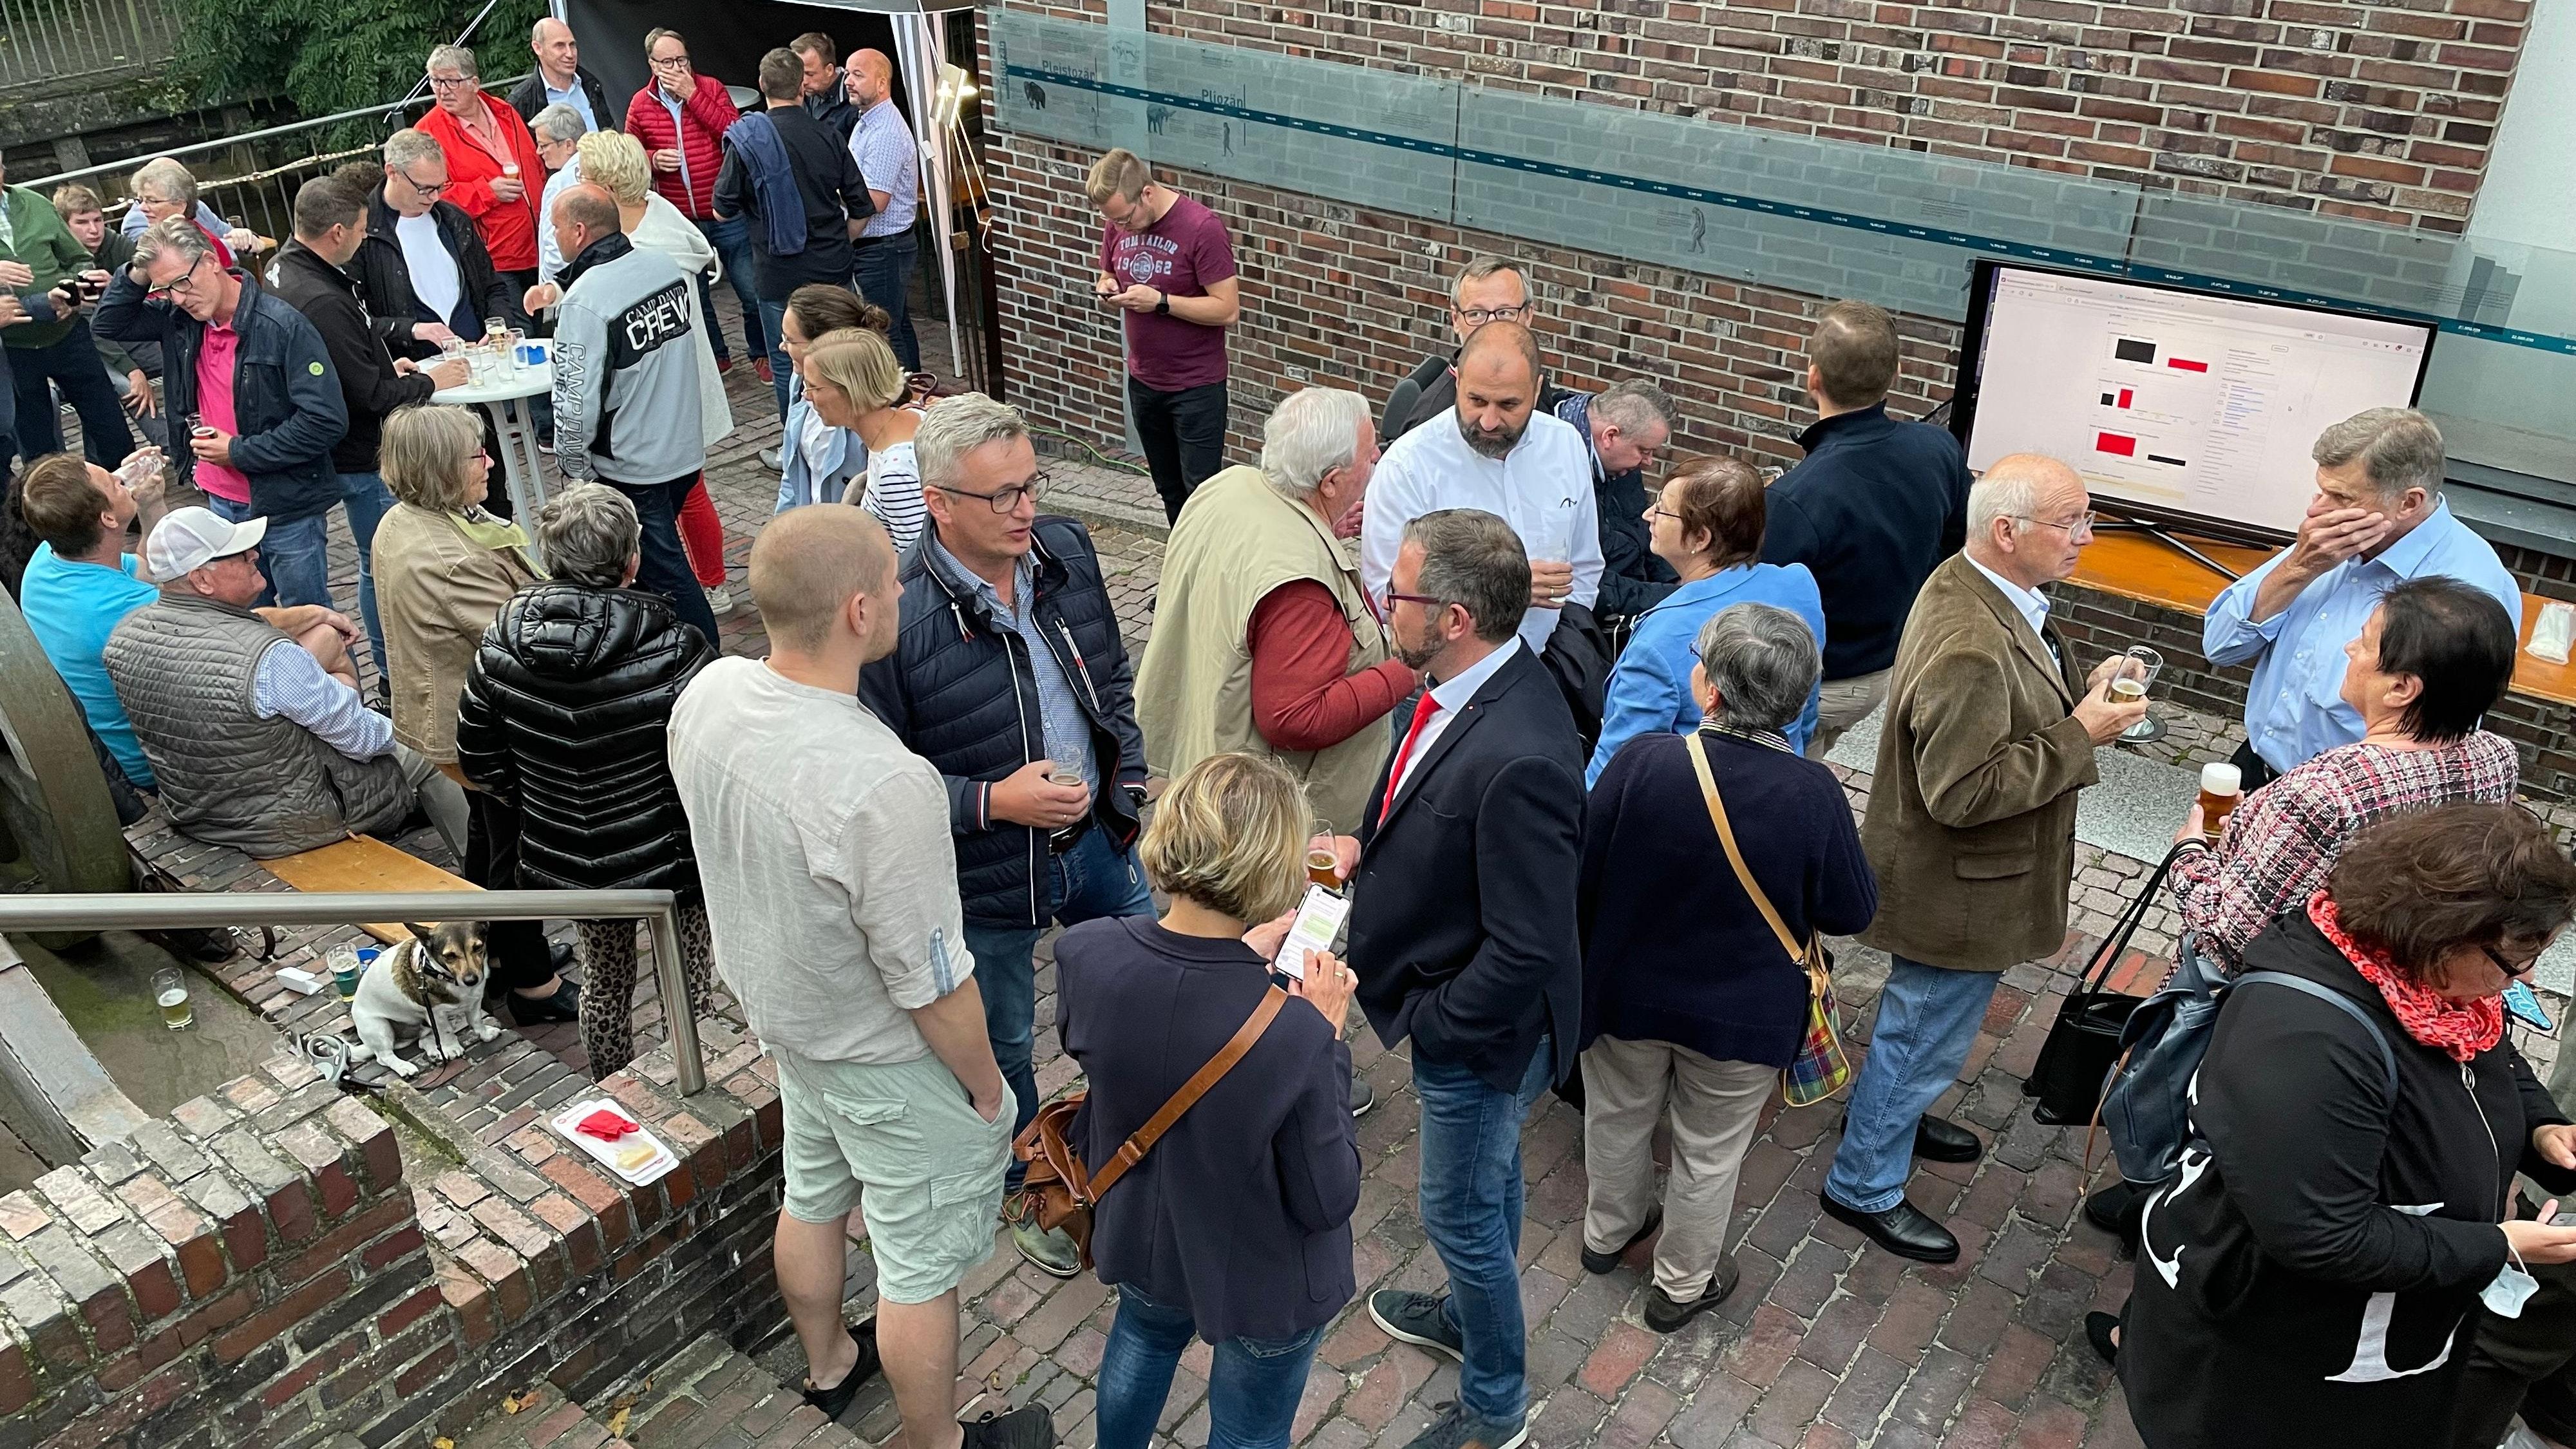 Entspannte Stimmung: In der Wassermühle feierte die SPD ihr Wahlergebnis. Foto: Stix